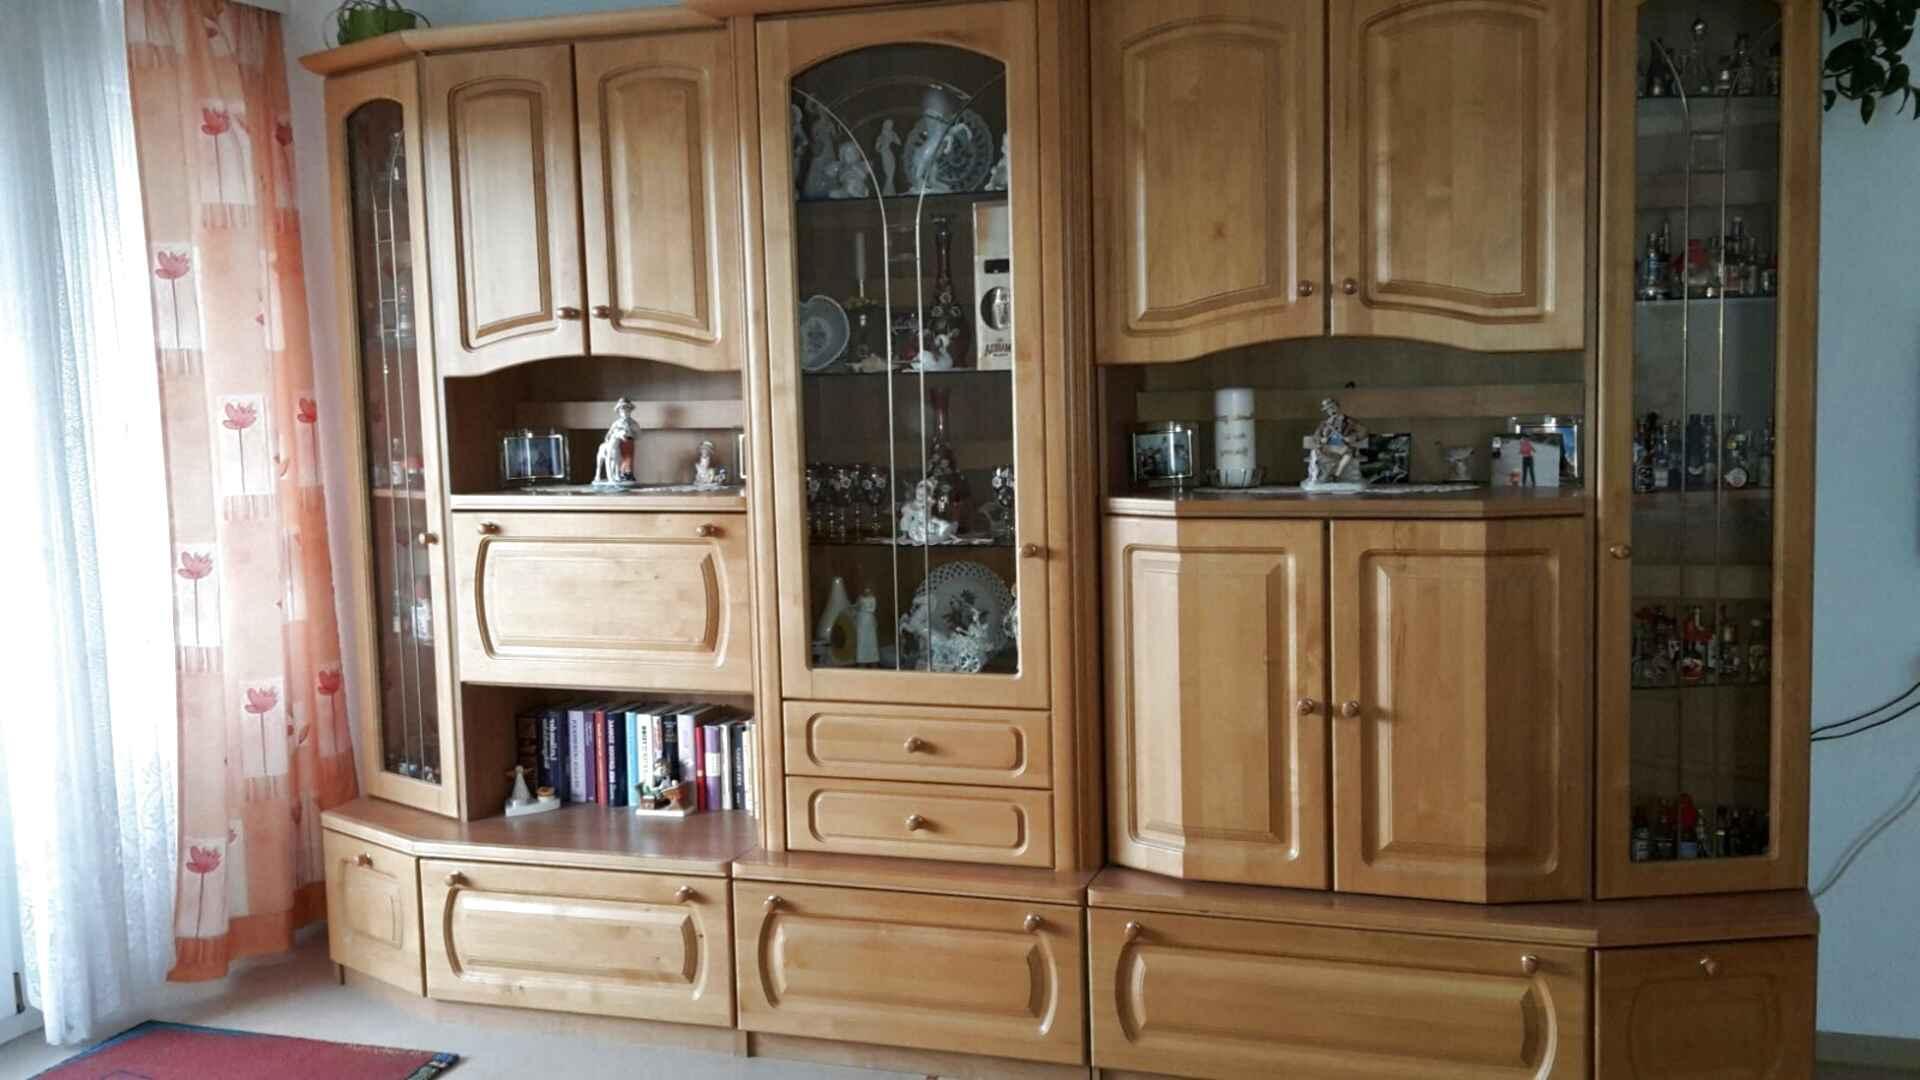 Schoner Wohnzimmerschrank gebraucht kaufen! Nur 10 St. bis -10